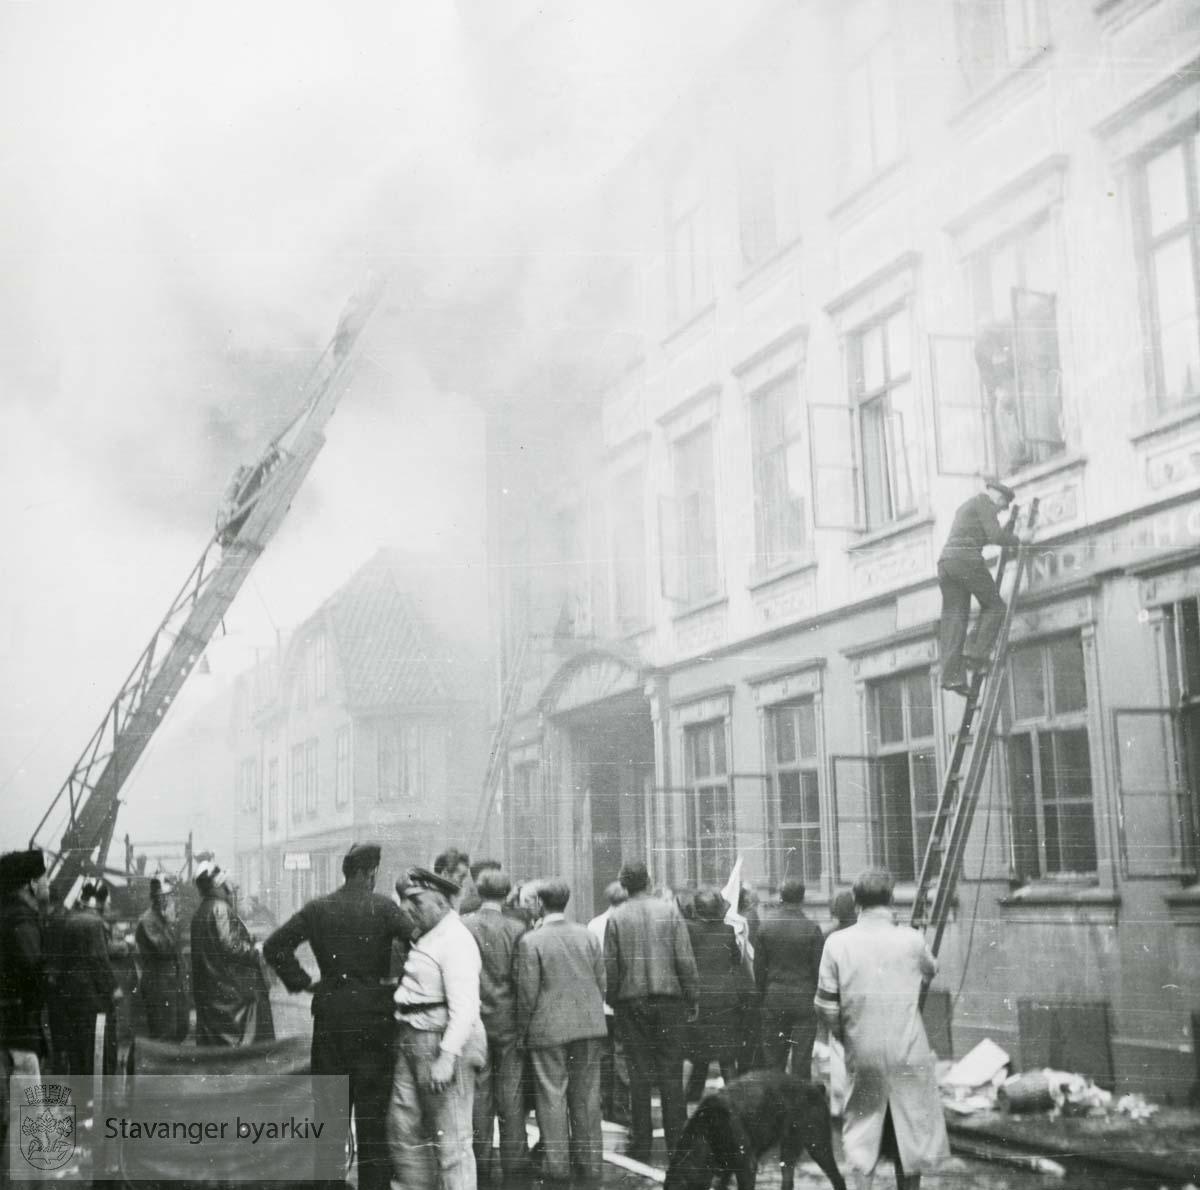 Brannmenn bruker stiger i slukkingsarbeidet. .Grand hotel var en 3 etasjers trebygning reist av skipsreder Søren Berner etter bybrannen i 1860. Privatboligen ble ombygd til hotelldrift i 1887. Etter invasjonen 9. april 1940 rekvirerte den tyske okkupajonsmakten hotellet. 9. mai 1945 ble bygningen antent og totalskadd.